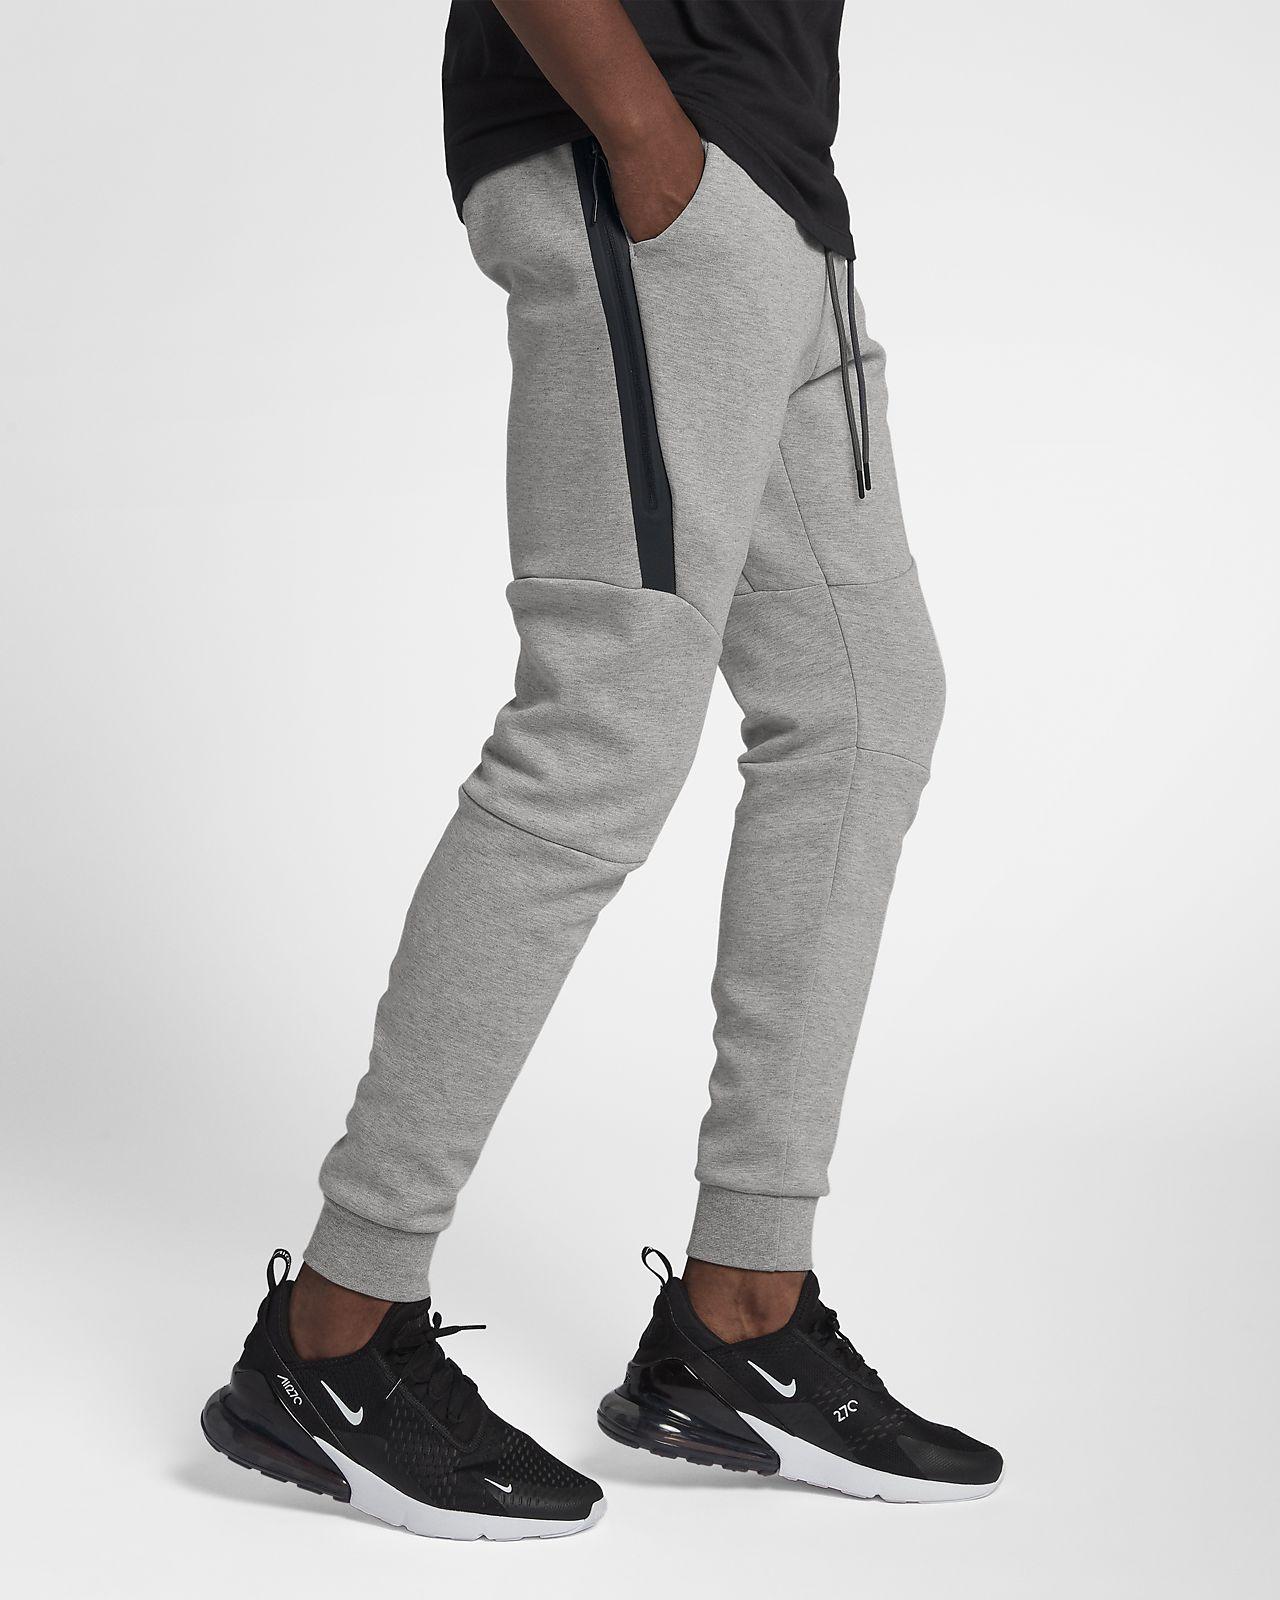 887ead26c06 Nike Sportswear Tech Fleece Men's Joggers. Nike.com LU